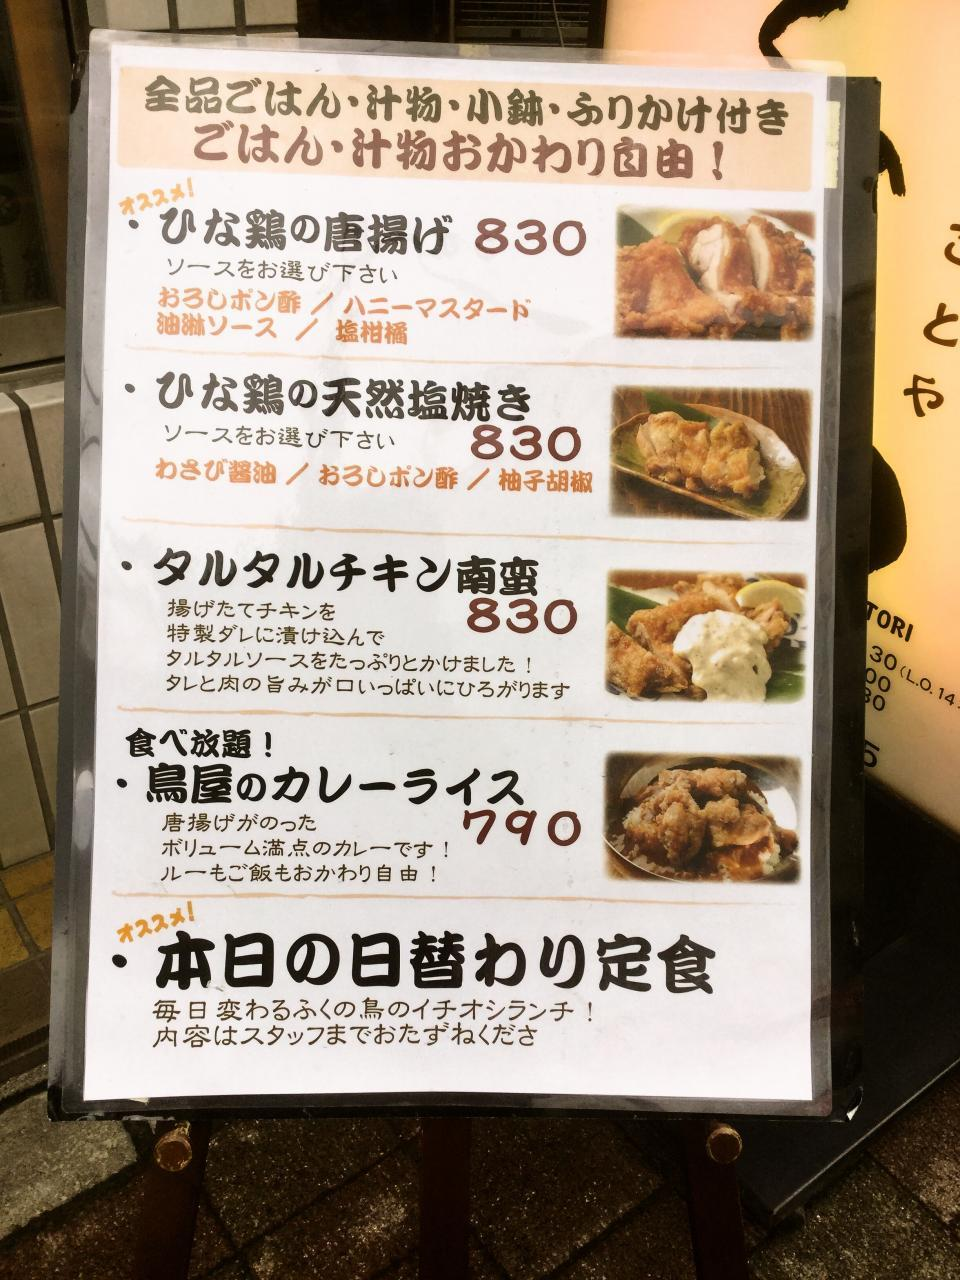 ふくの鳥 飯田橋店(店舗)